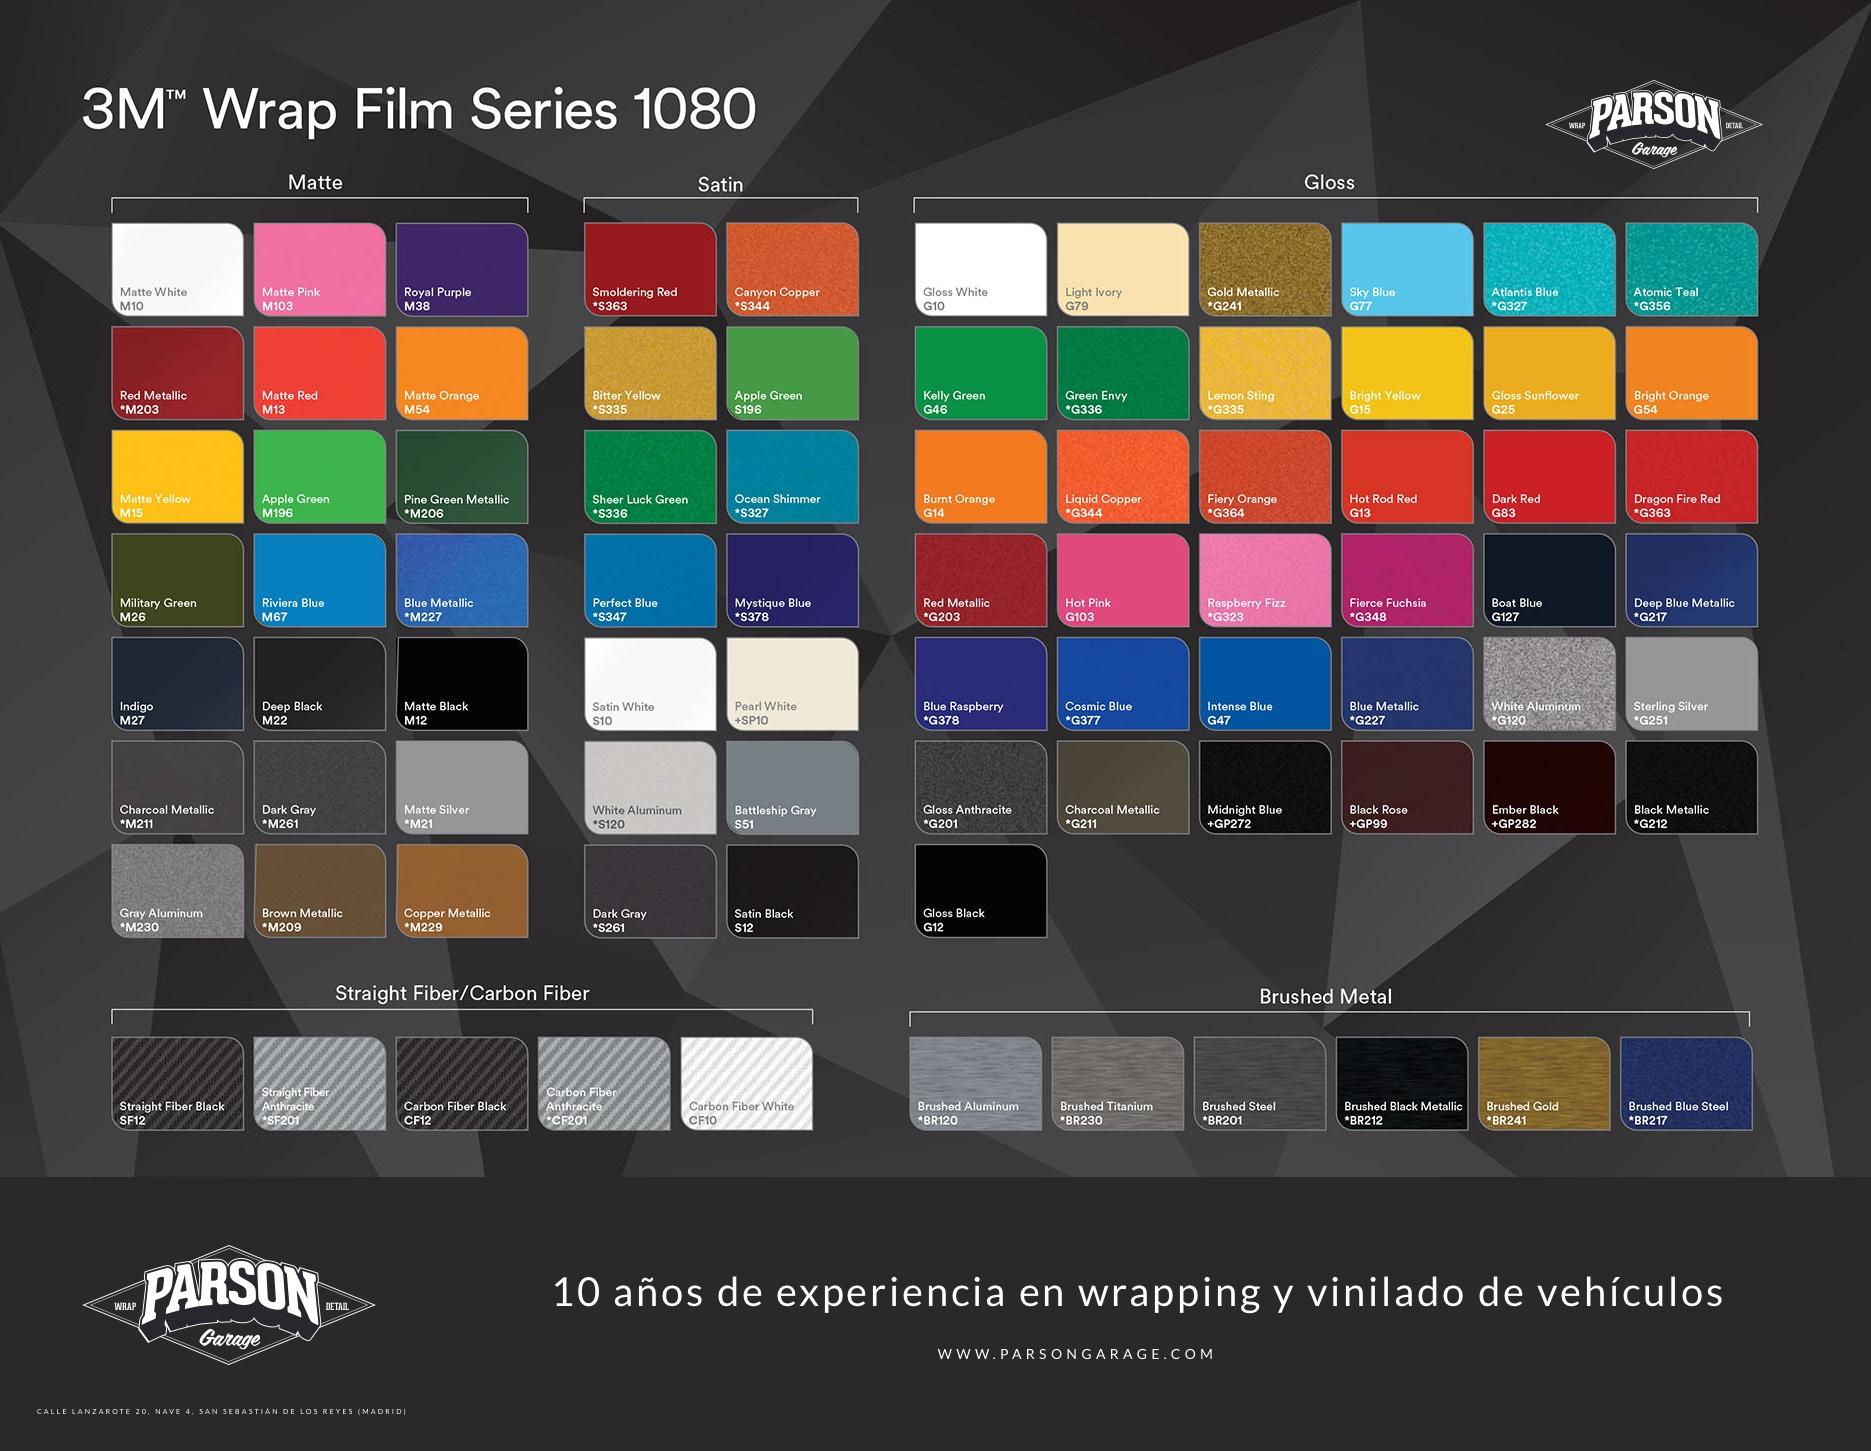 3mwrapcolors